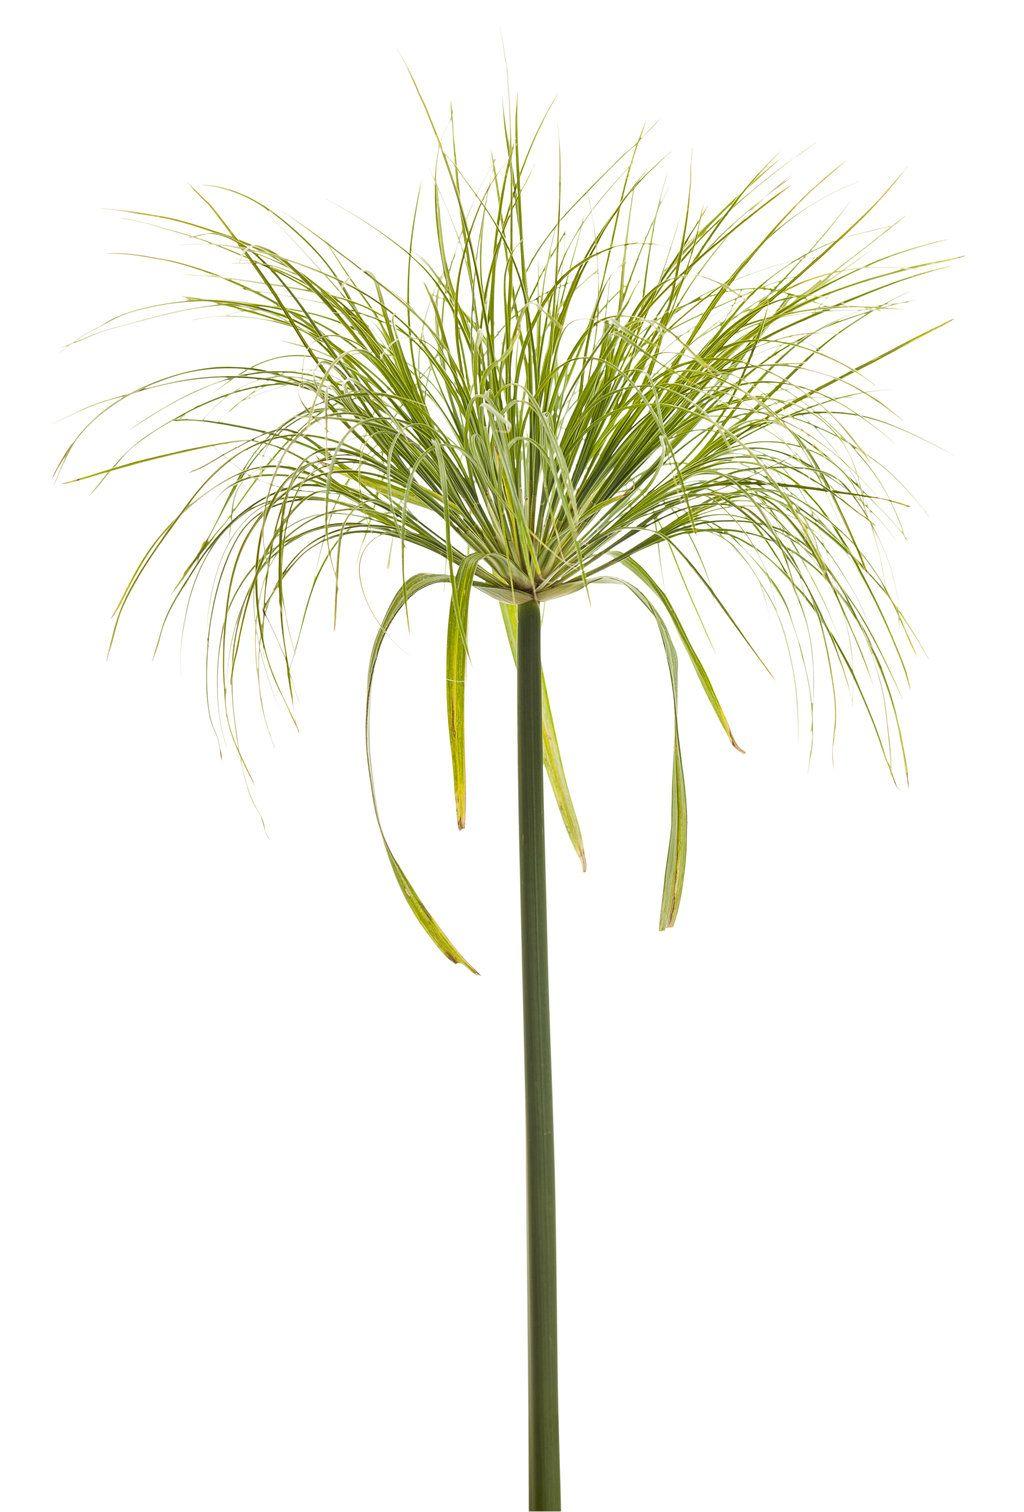 Graceful Grasses® King Tut®.